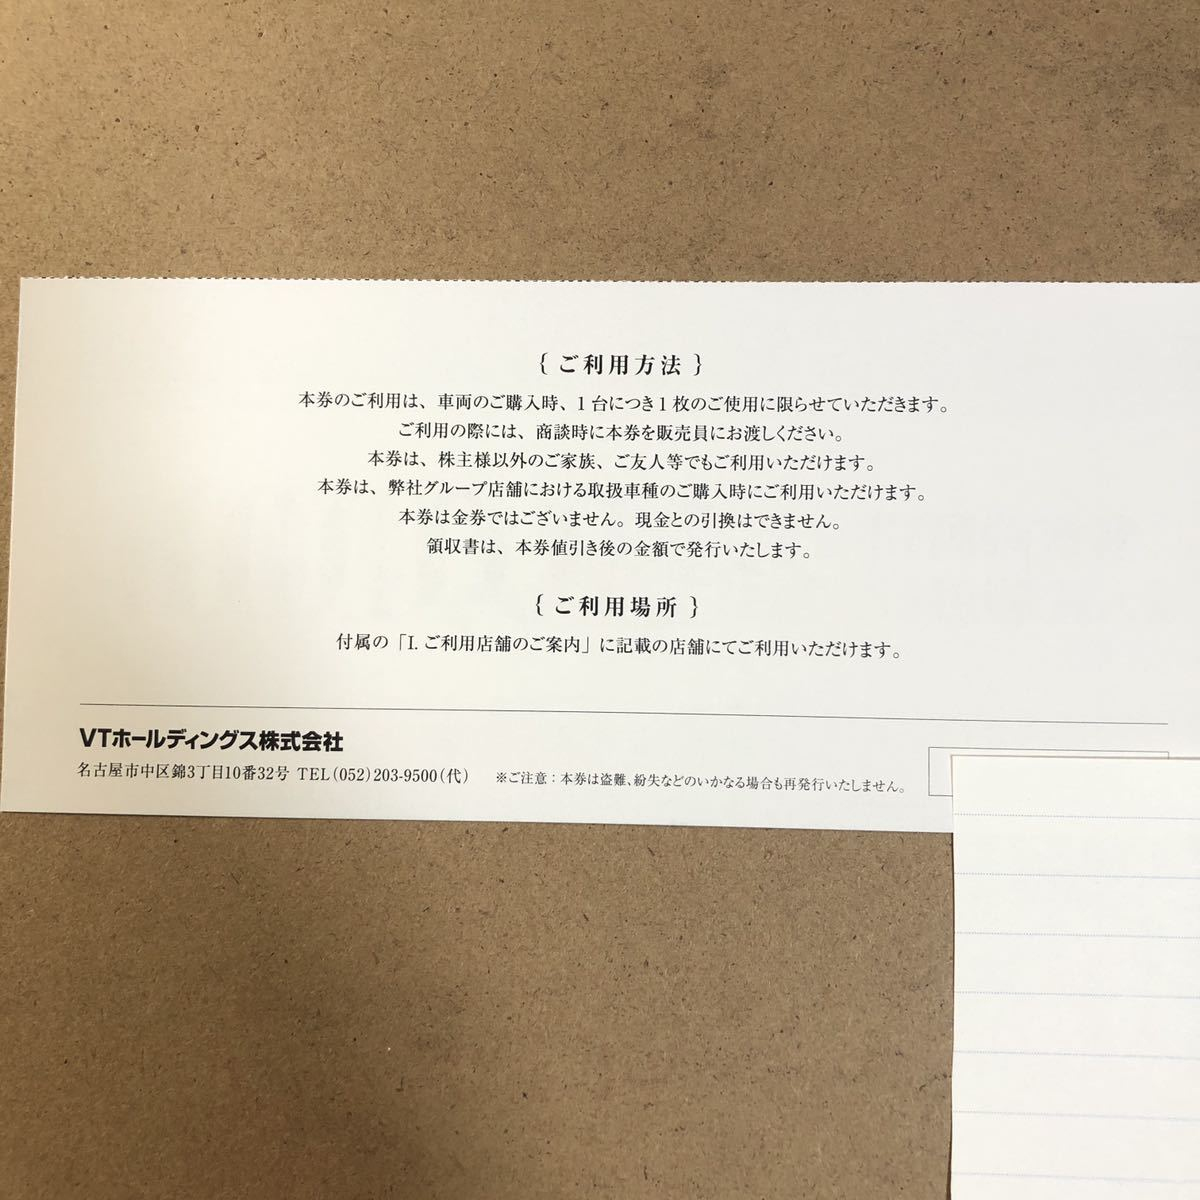 VTホールディングス 株主優待 新車・中古車 3万円割引券 クーポン券 株主優待券 30000円_画像2